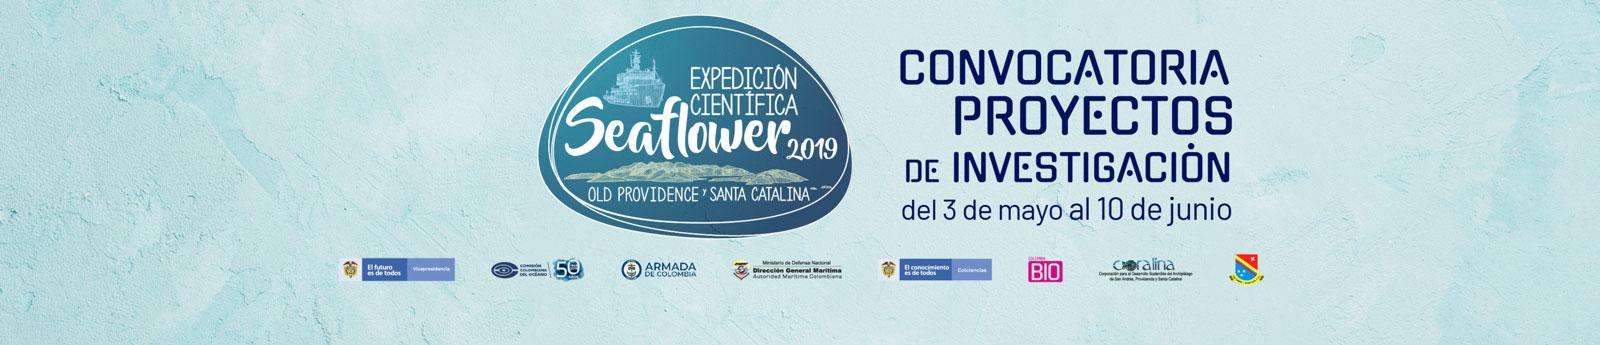 Convocatoria Expedición Científica Seaflower 2019, Old Providence y Santa Catalina